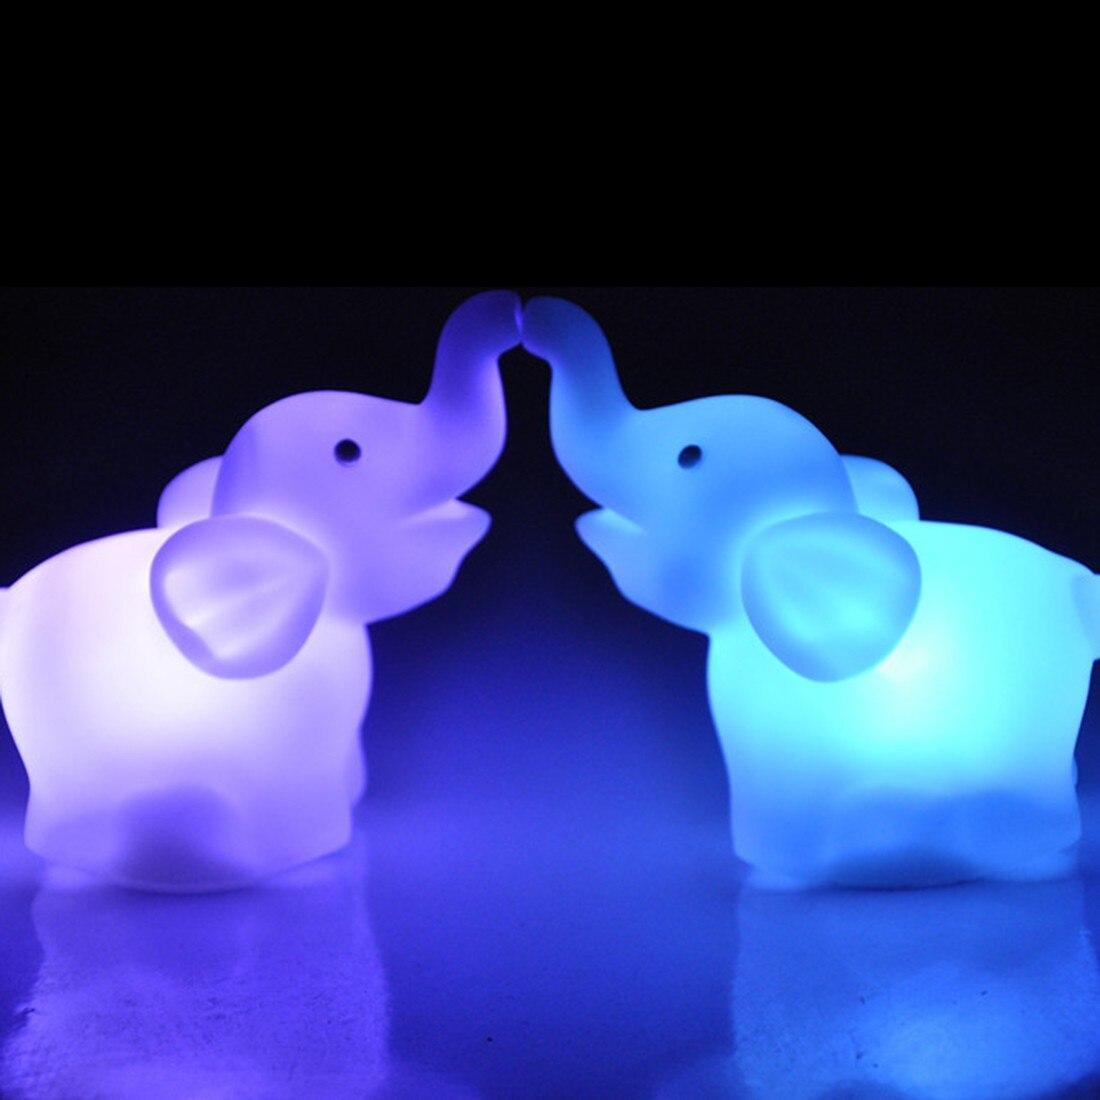 Słoń LED lampa kolor zmienne oświetlenie nocne atmosfera dla dziecka dziecko nocna dekoracja sypialni dzieci prezent śliczne lampyOświetlenie nocne   -